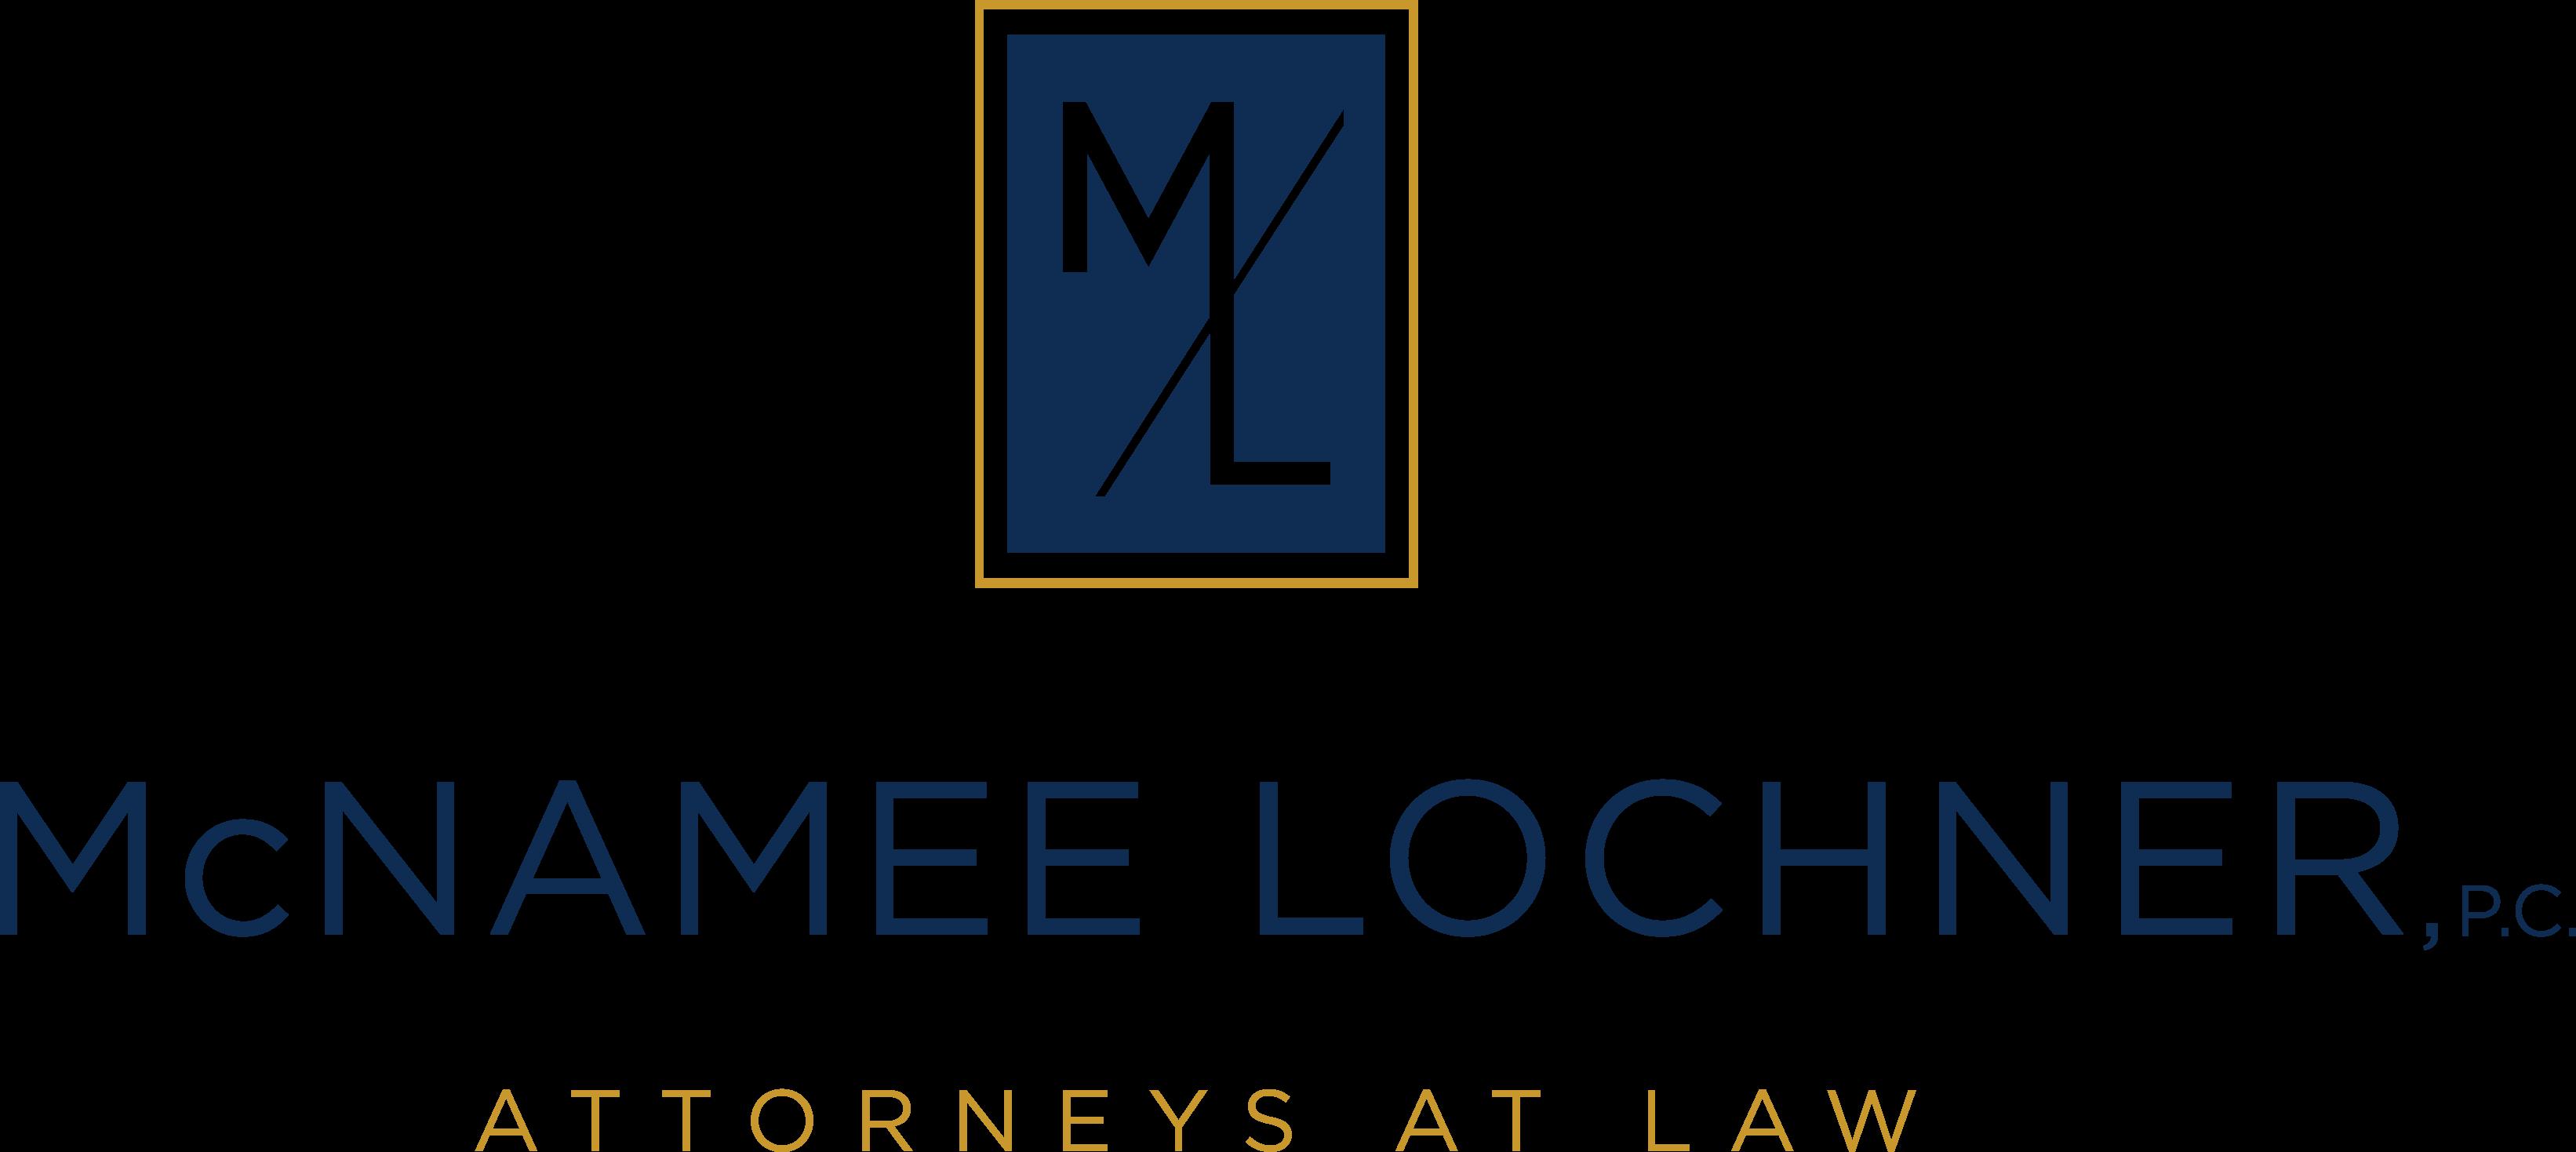 McNamee Lochner, P.C. logo